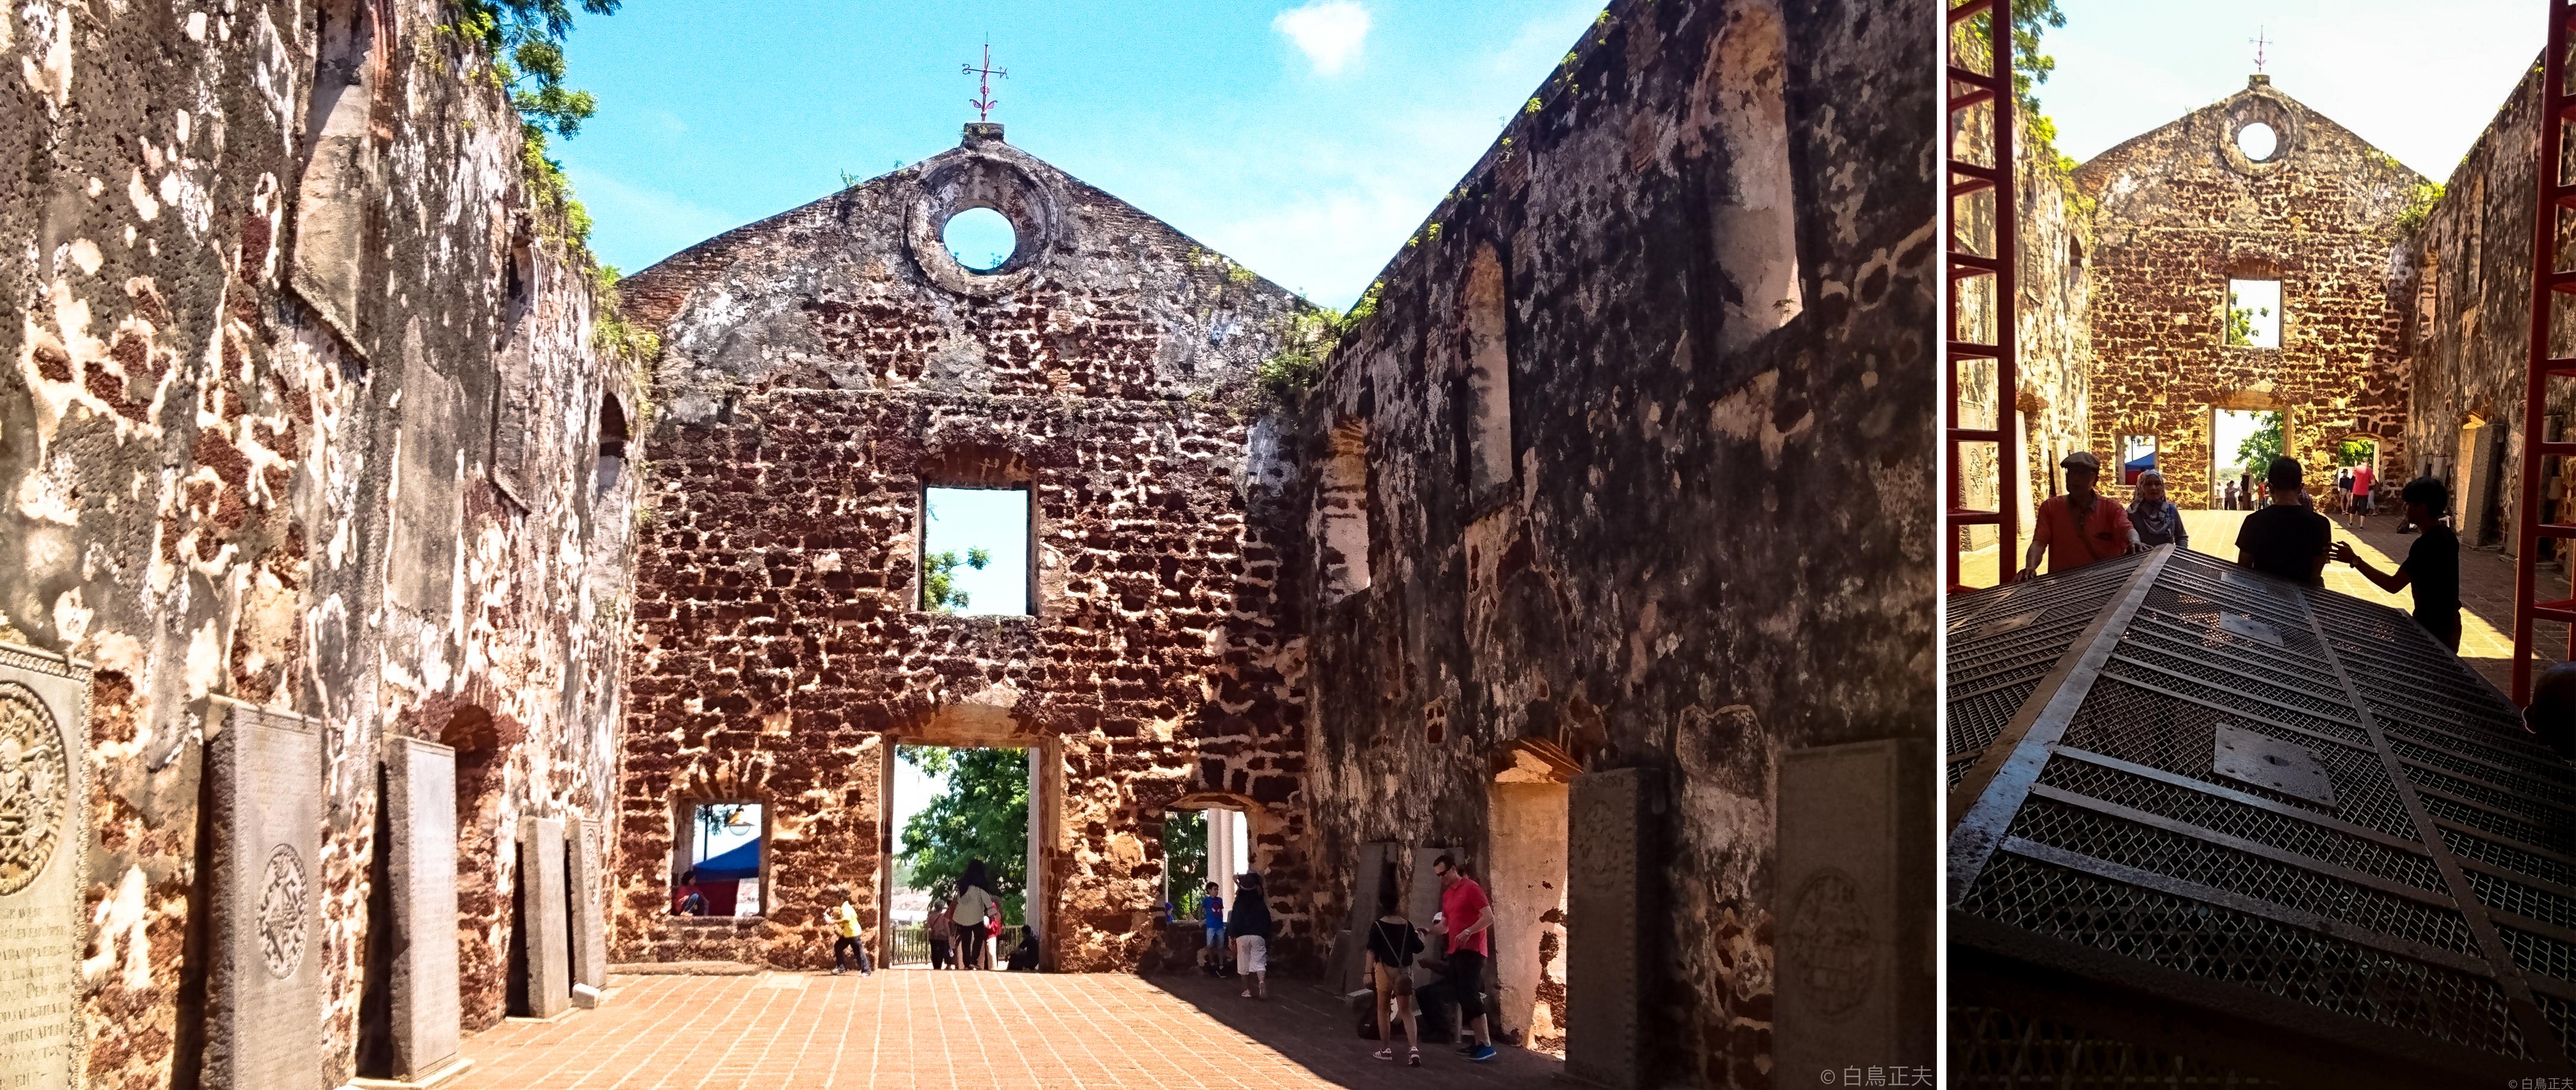 左)ポルトガルのセントポール教会跡 右)フランシスザビエルの遺体が一時安置されていた場所